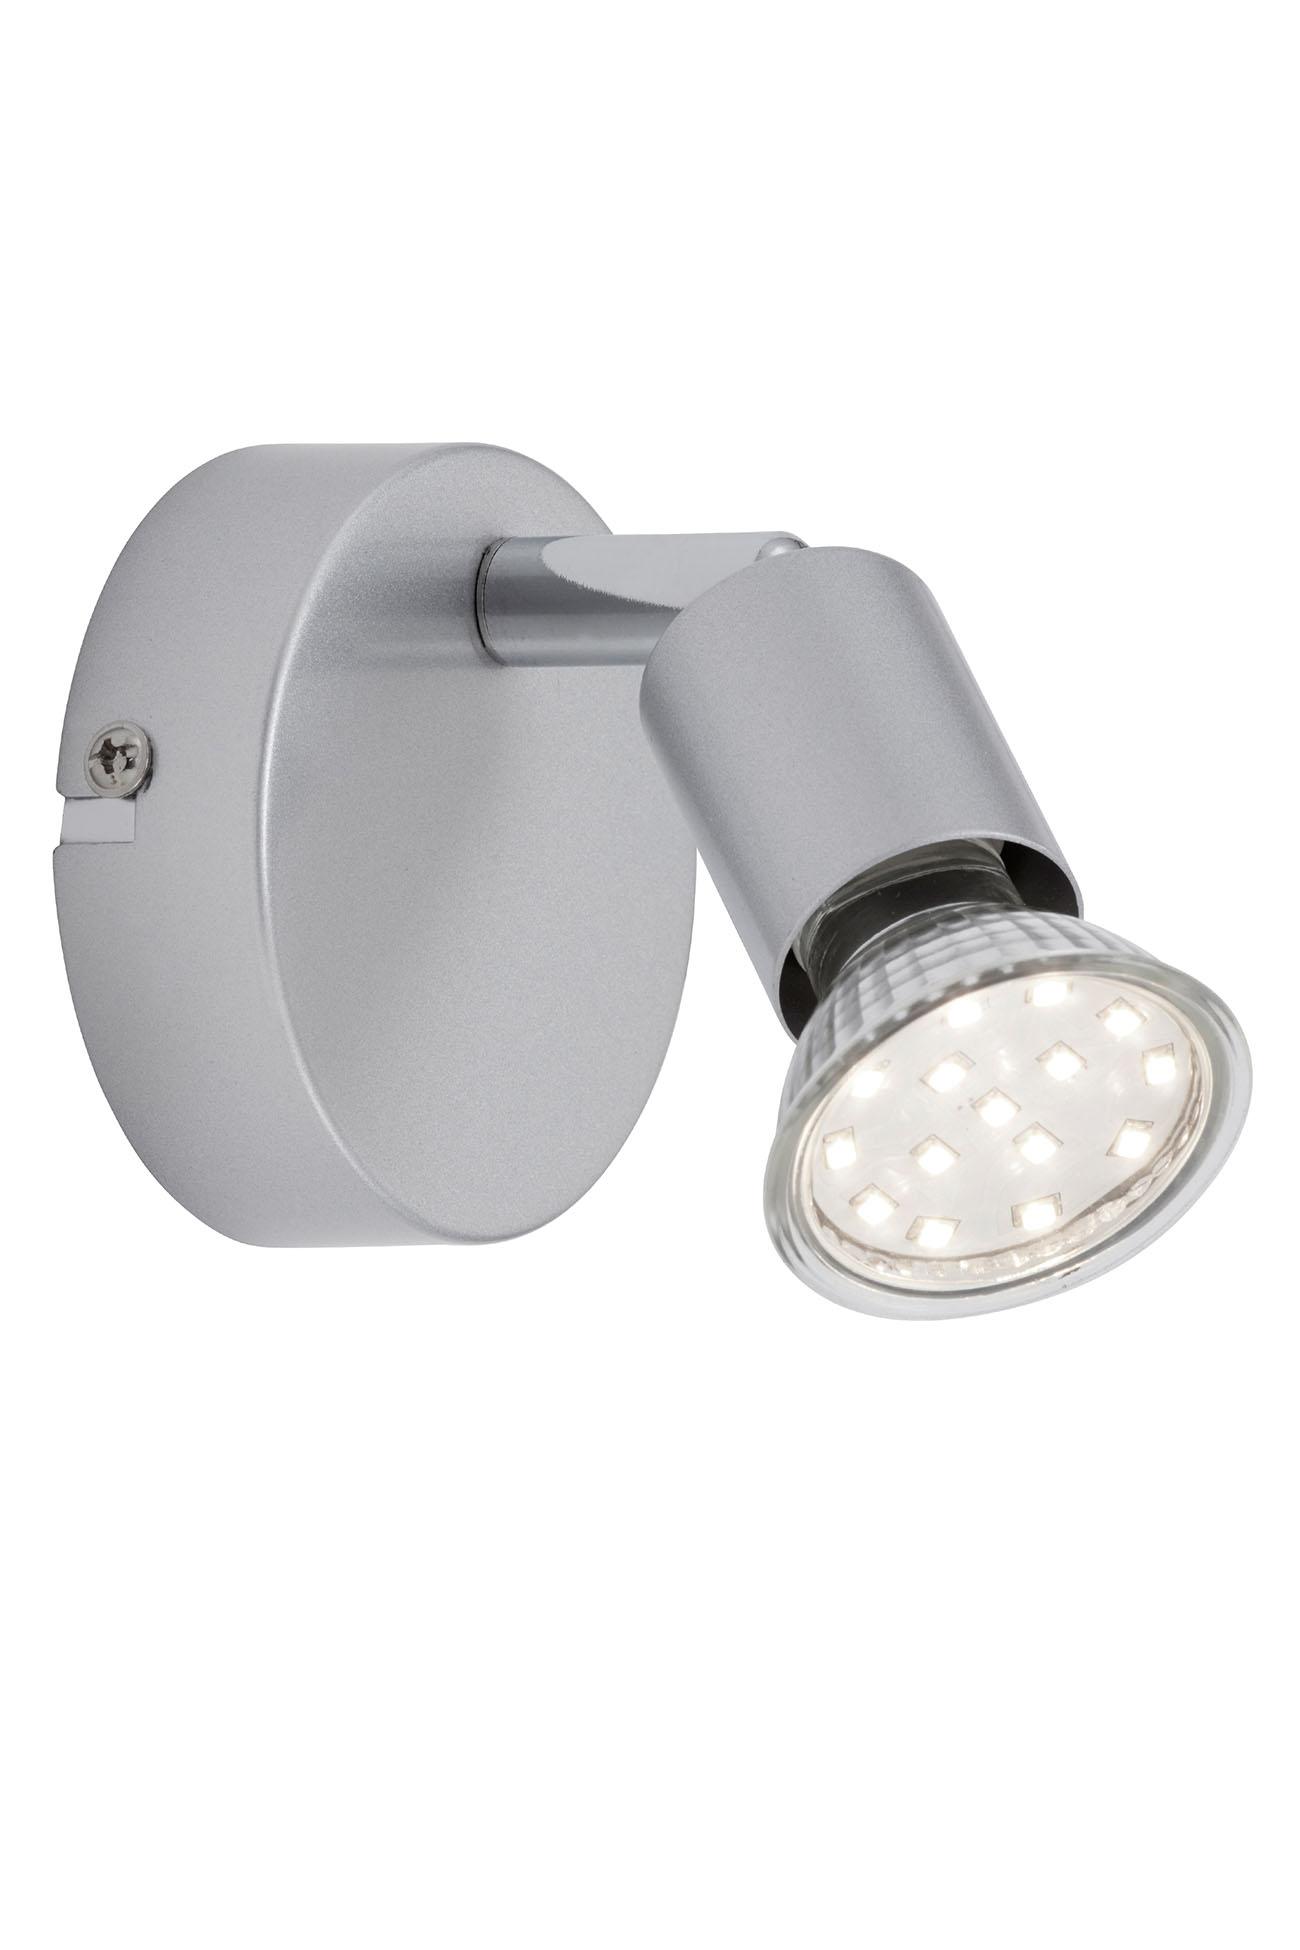 LED Spot Wandleuchte, Ø 8 cm, 3 W, Titan